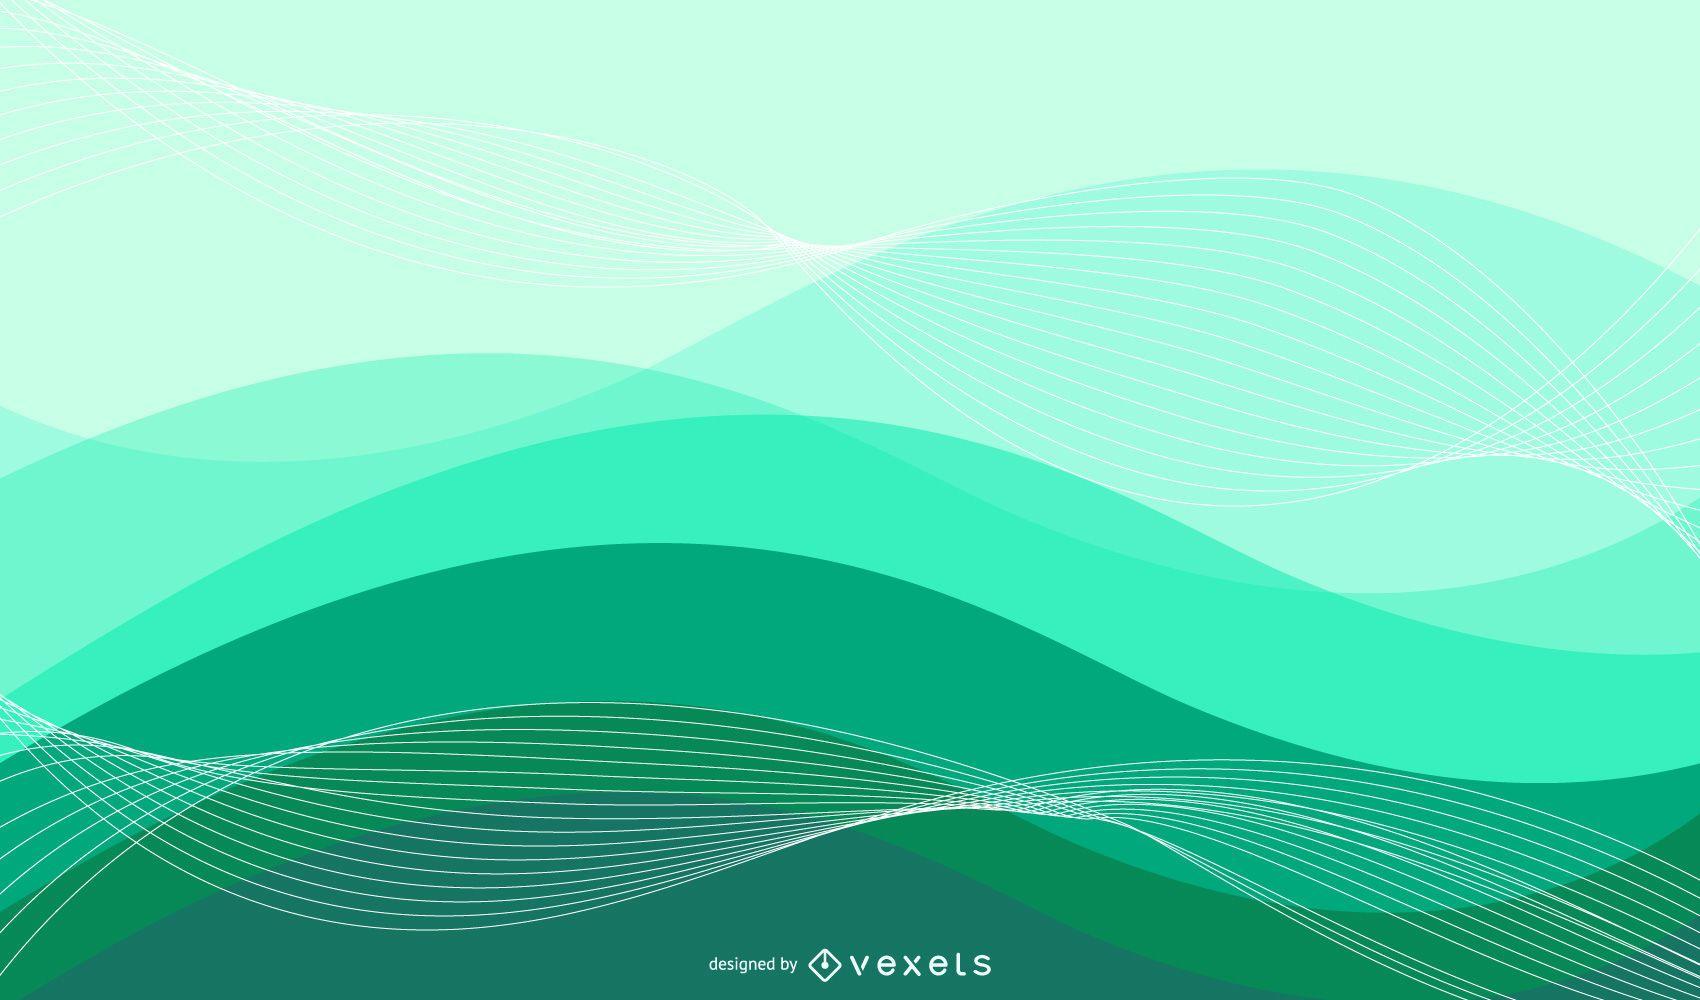 Fondo abstracto colorido de ondas y espirales